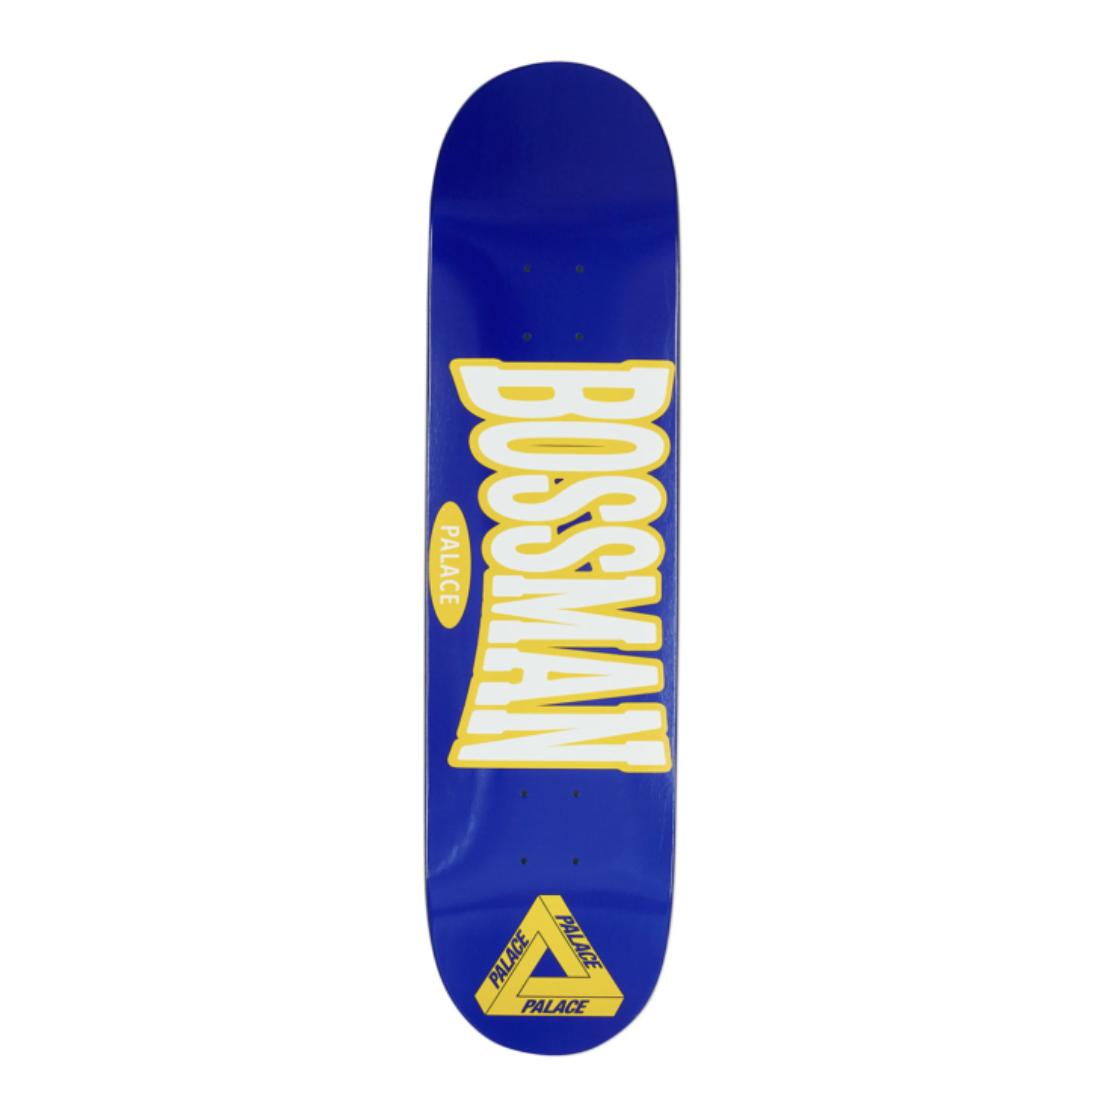 Palace Skateboards Bossman 8.0